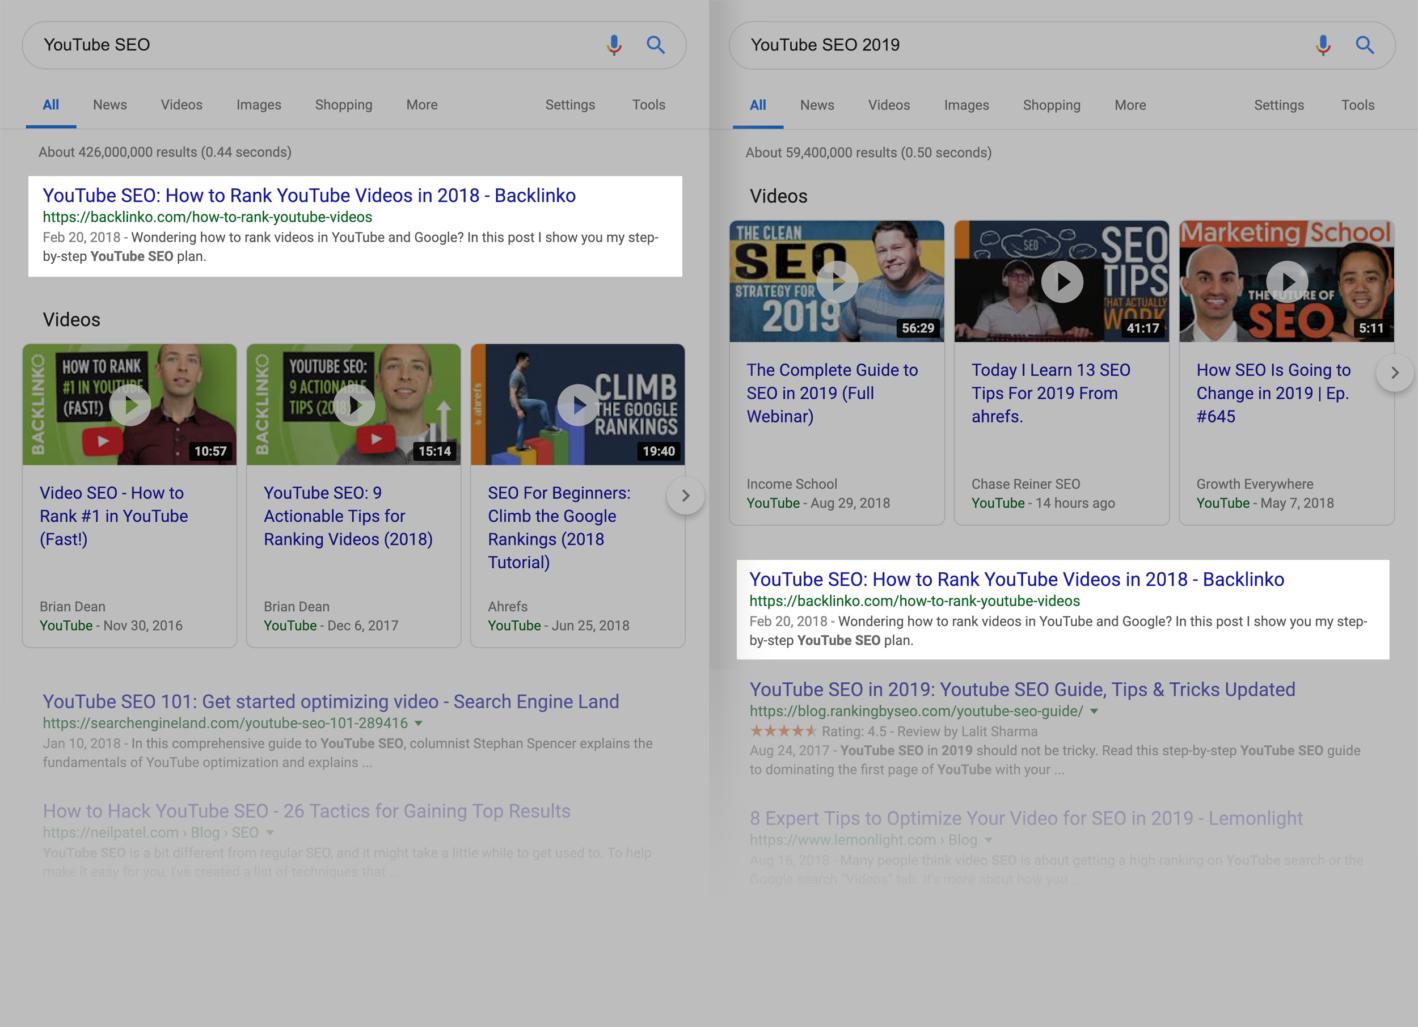 نتیجه سئو معنایی در نتایج جستجوی گوگل